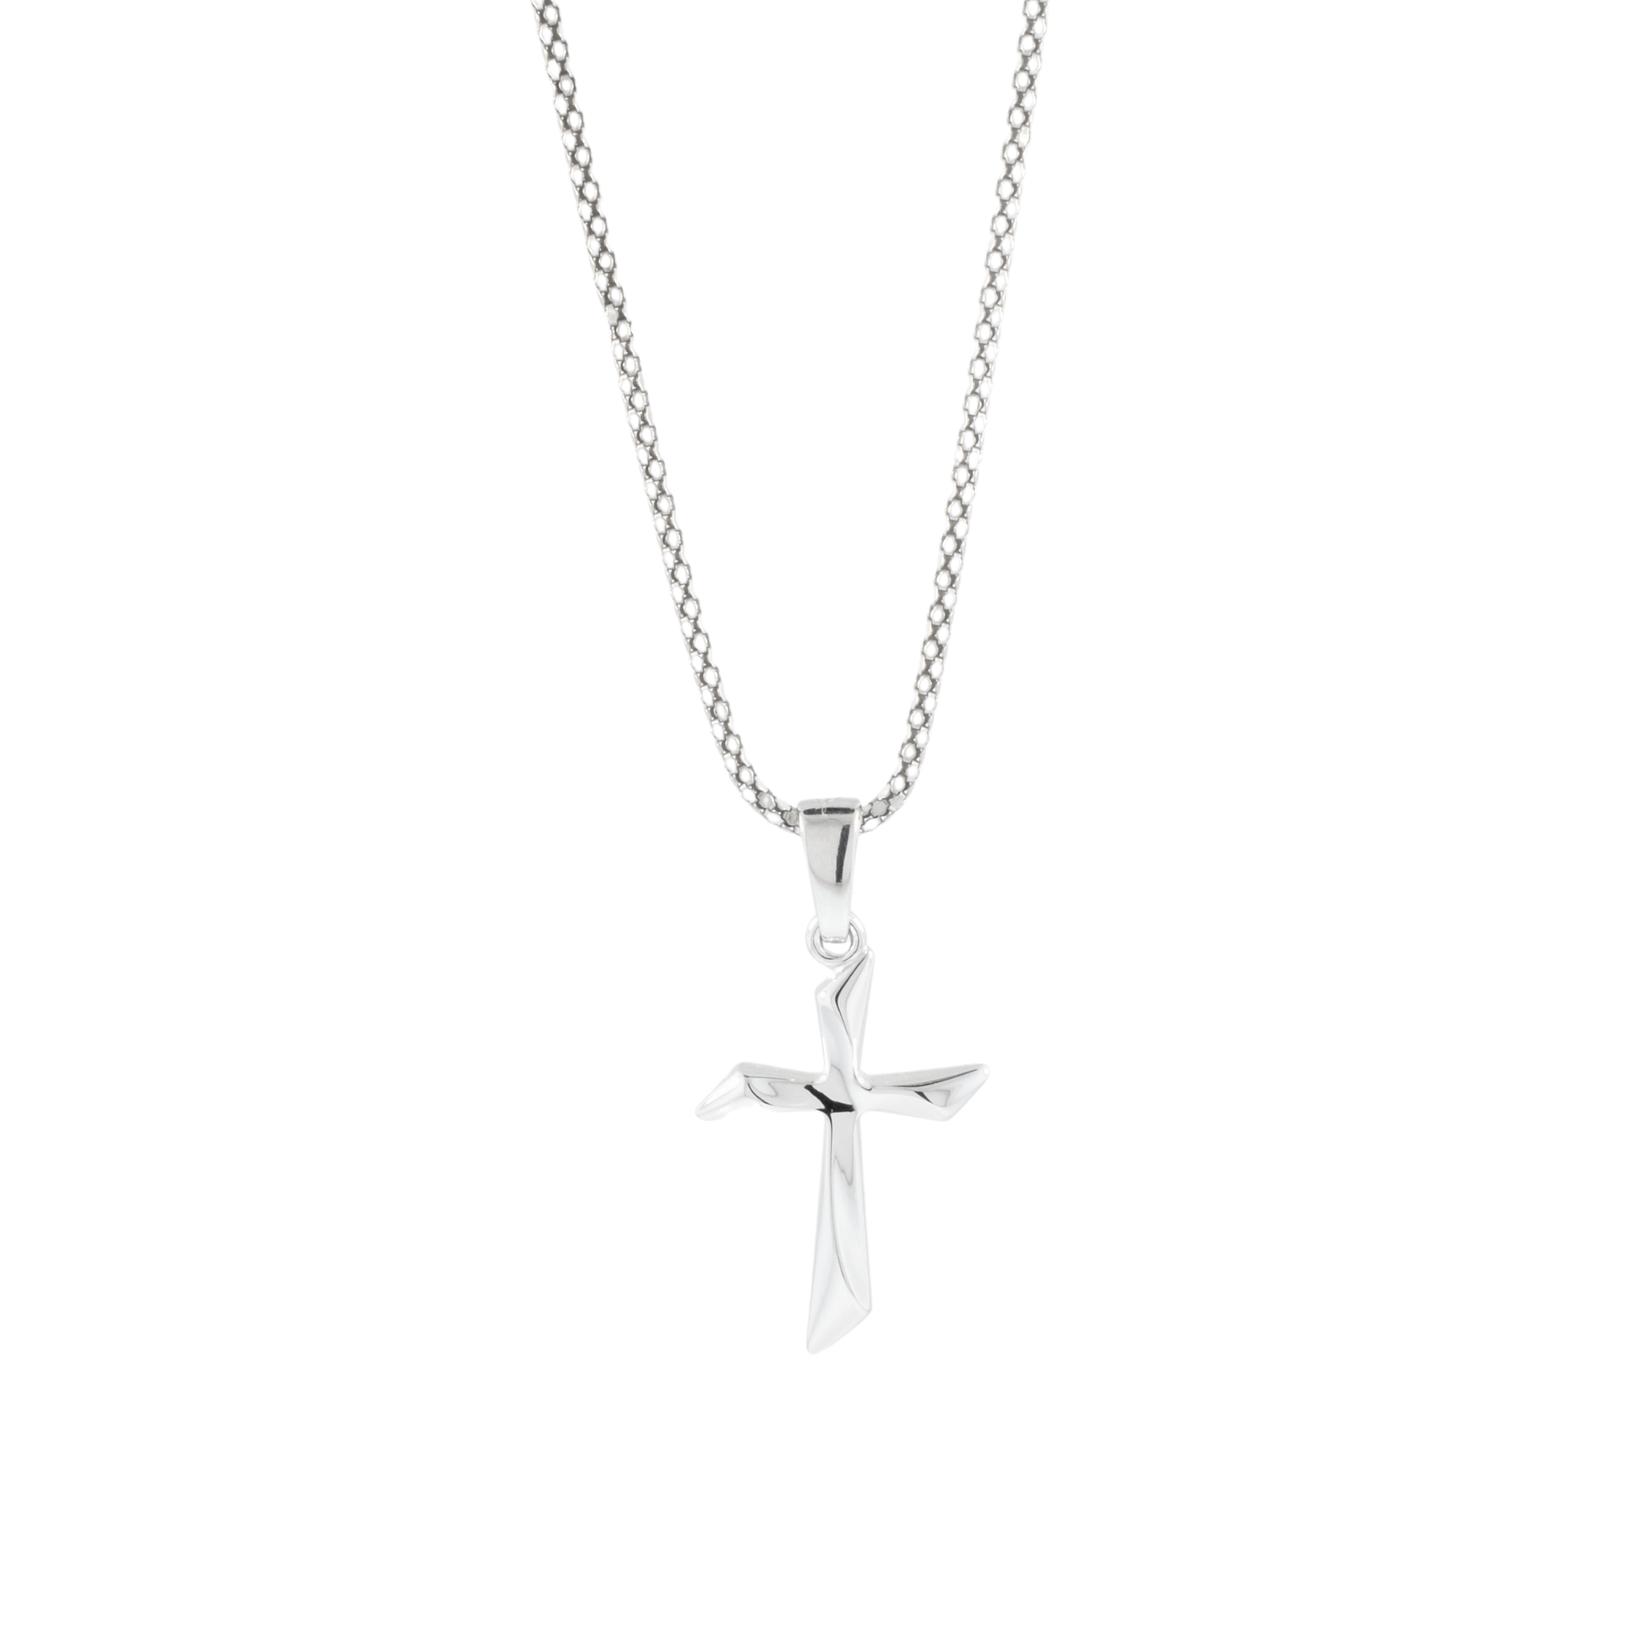 Small Silver Cross